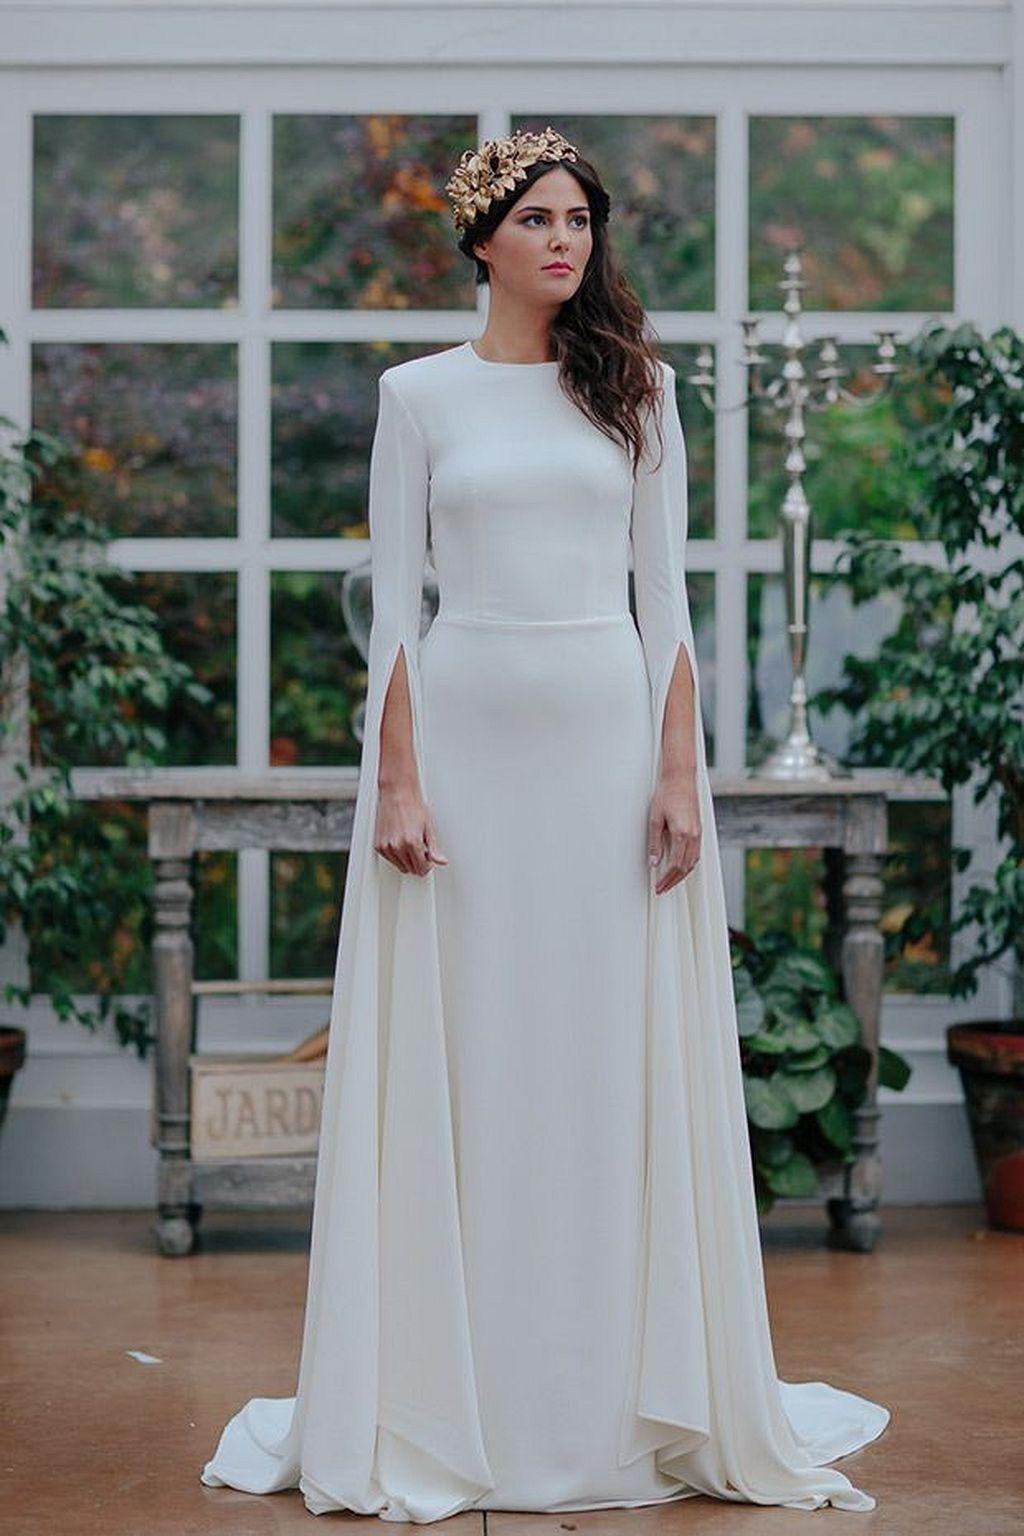 dit is de vorm | Wedding | Pinterest | Wedding, Wedding dress and ...